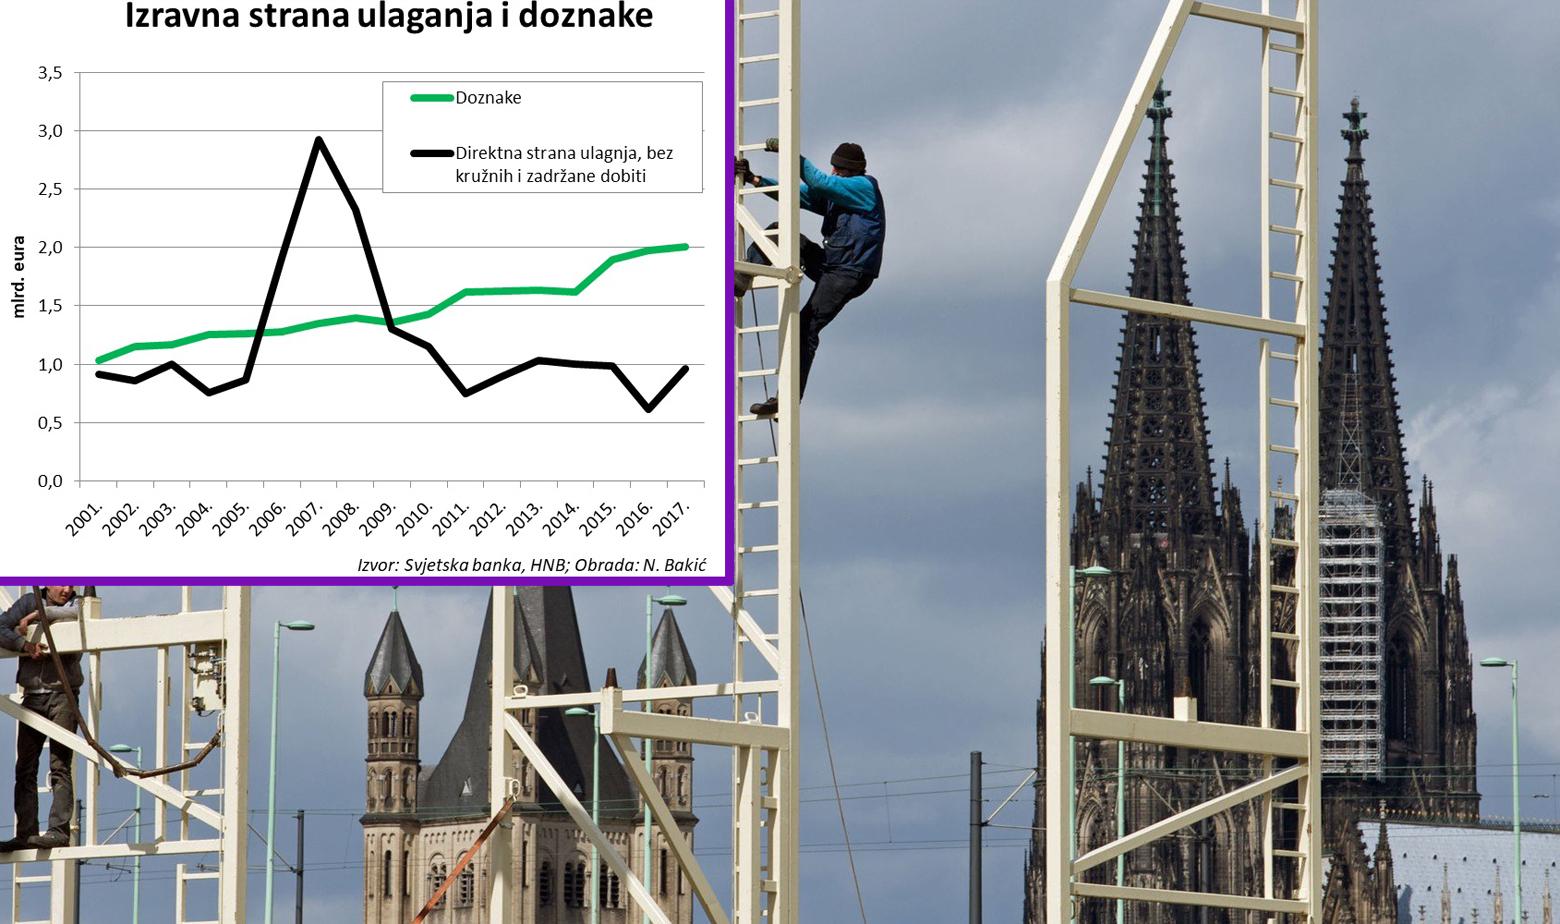 Ilustracija radnika u Njemačkoj i graf s doznakama iz inozemstva i investicijama